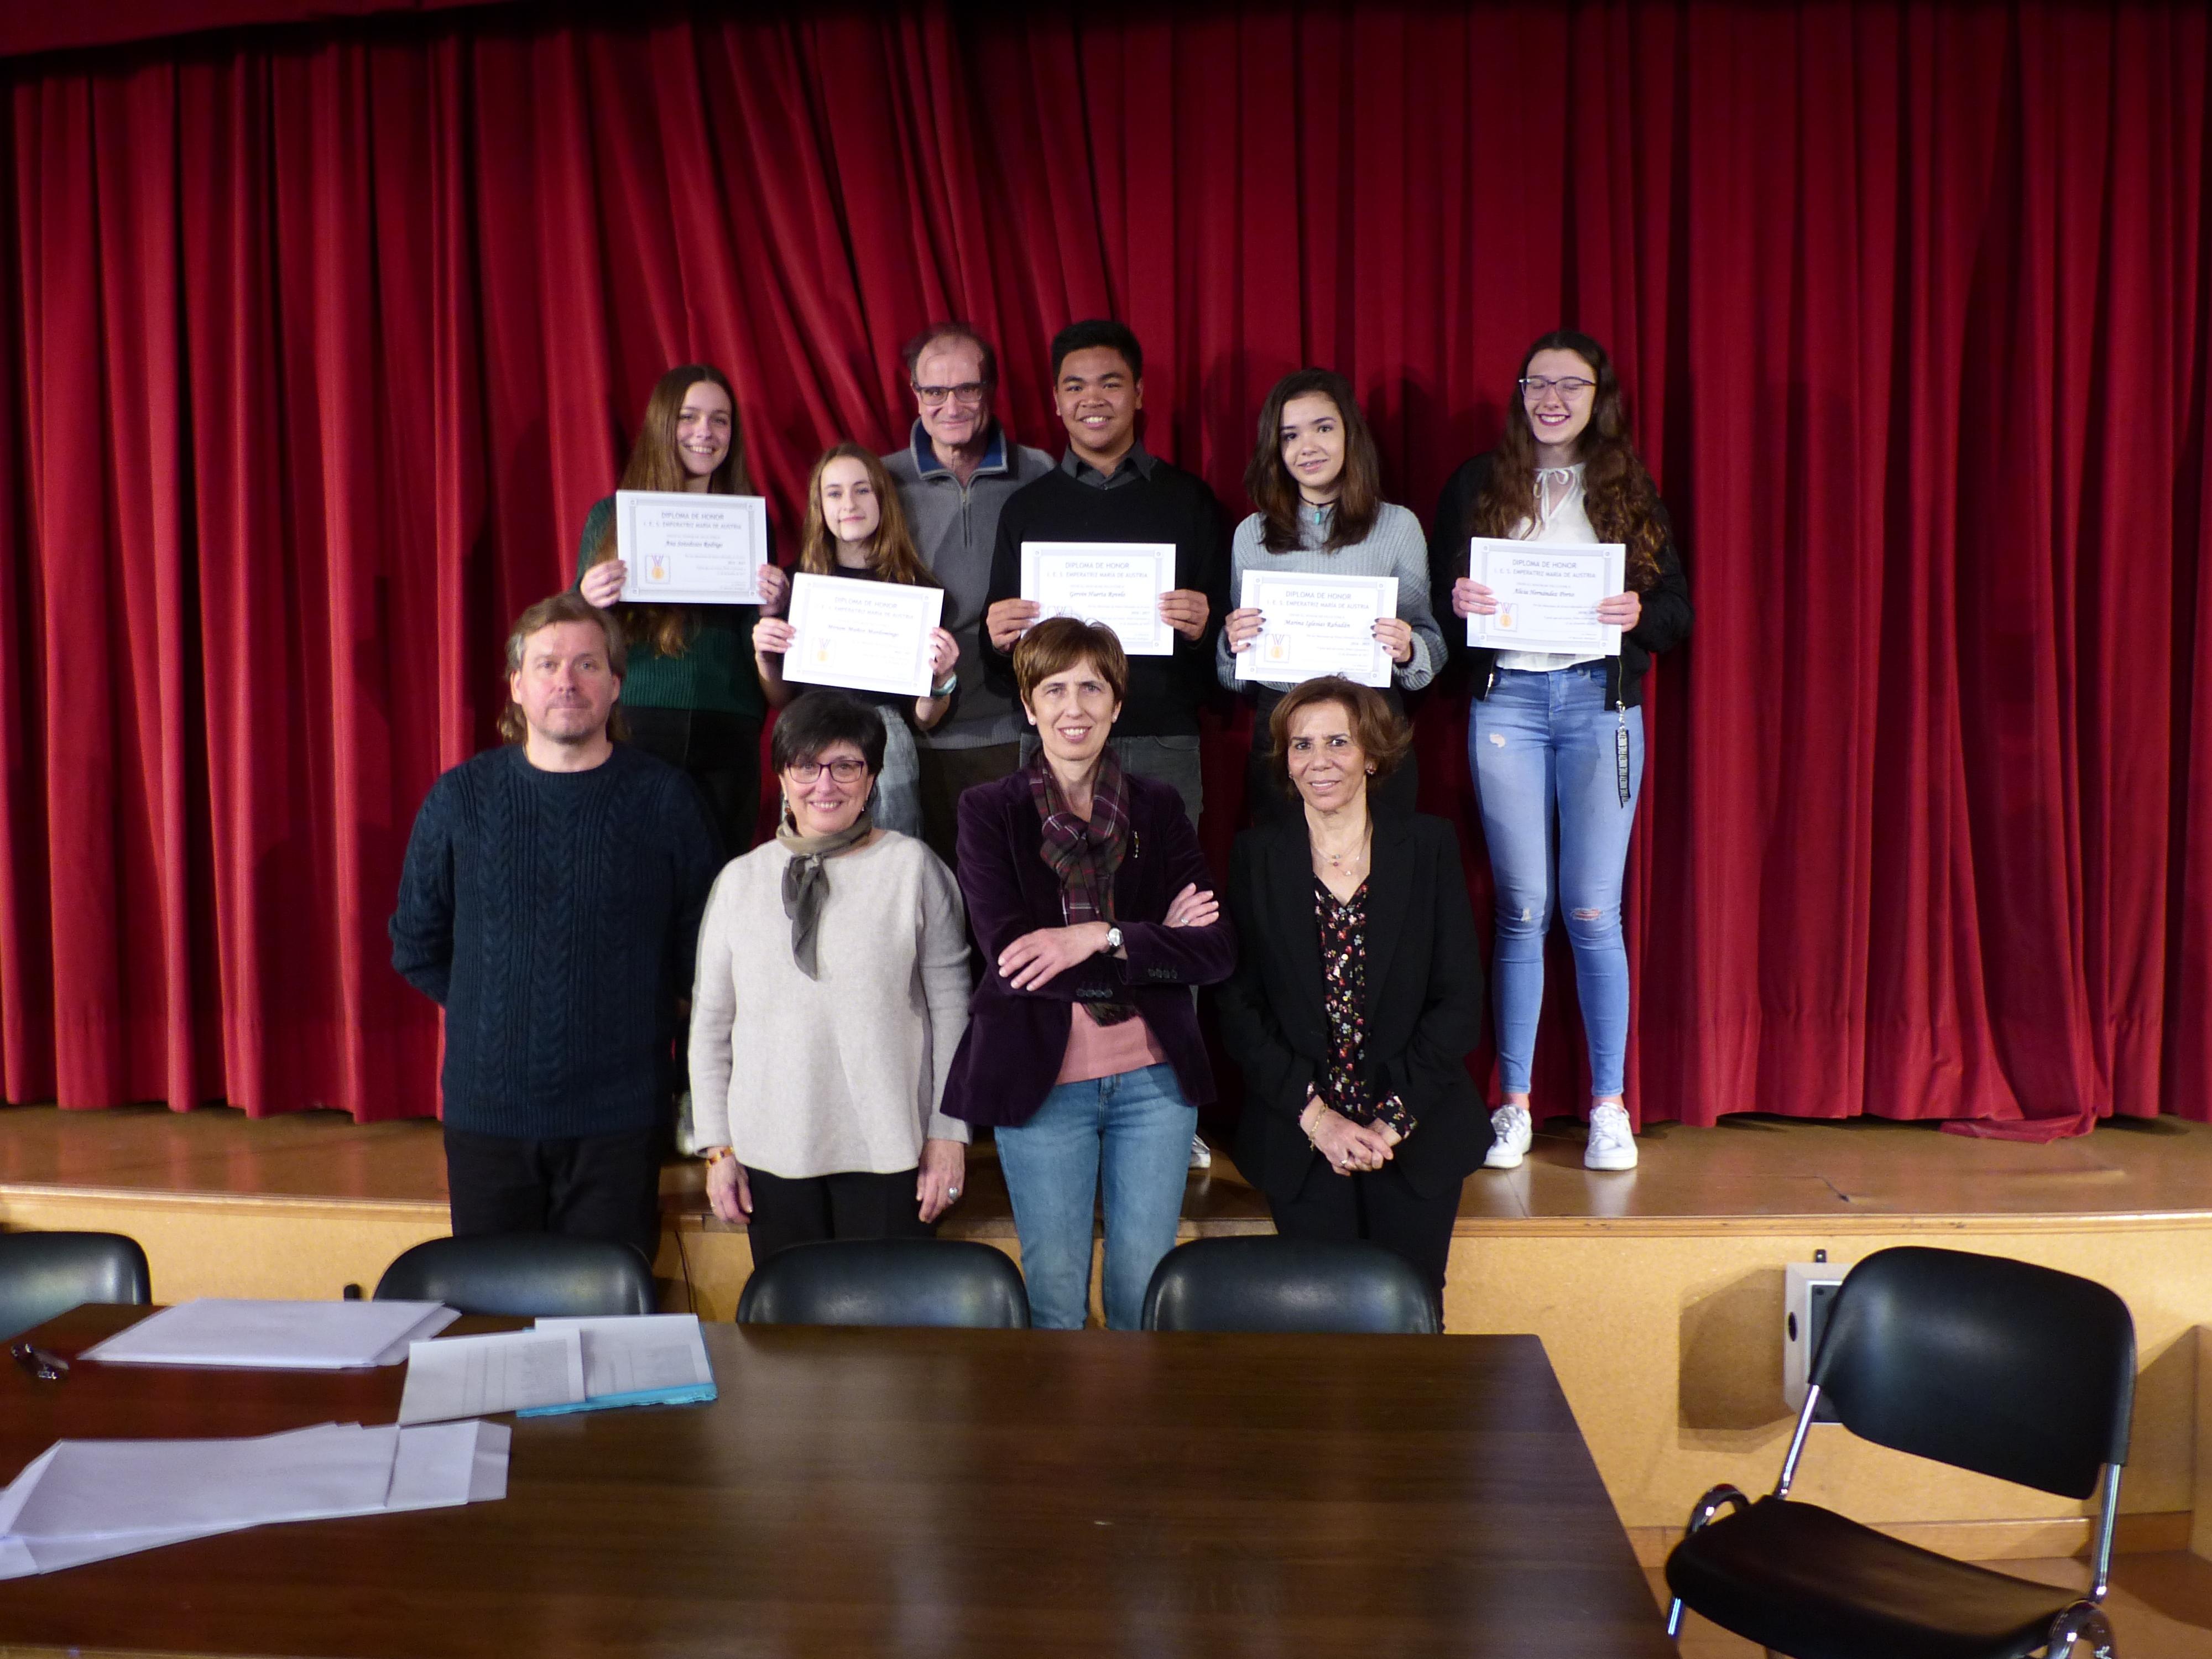 Acto Entrega Diplomas Menciones Honoríficas curso 2017-2018 4